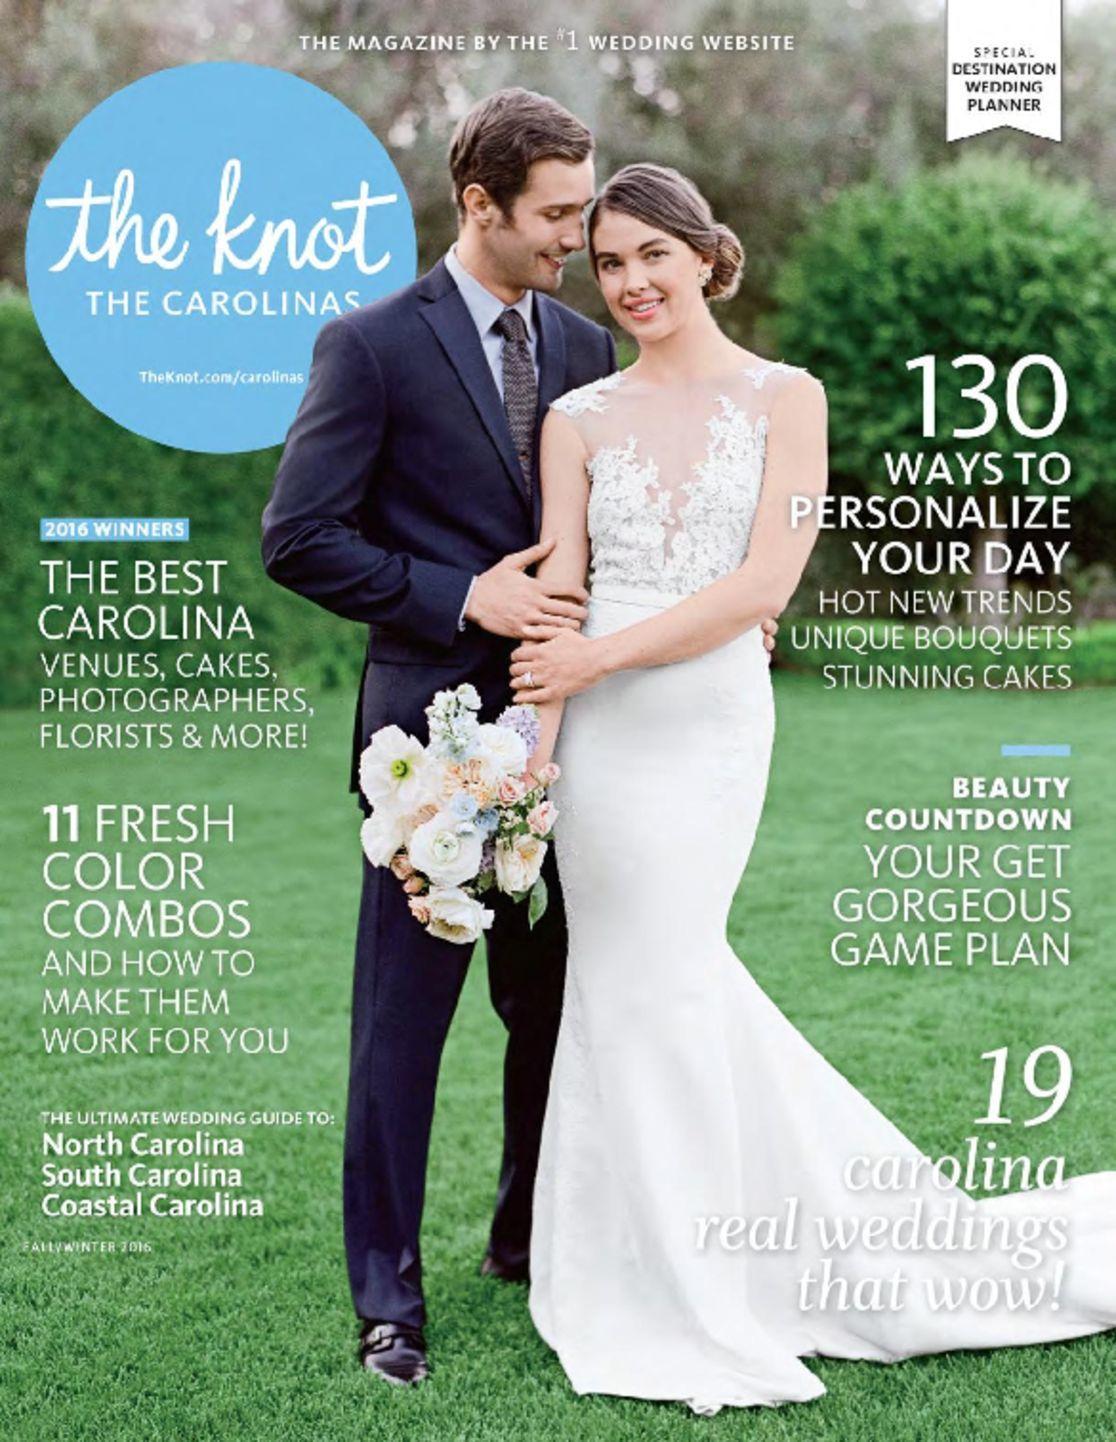 The Knot The Carolinas Weddings (digital) Magazine Cover